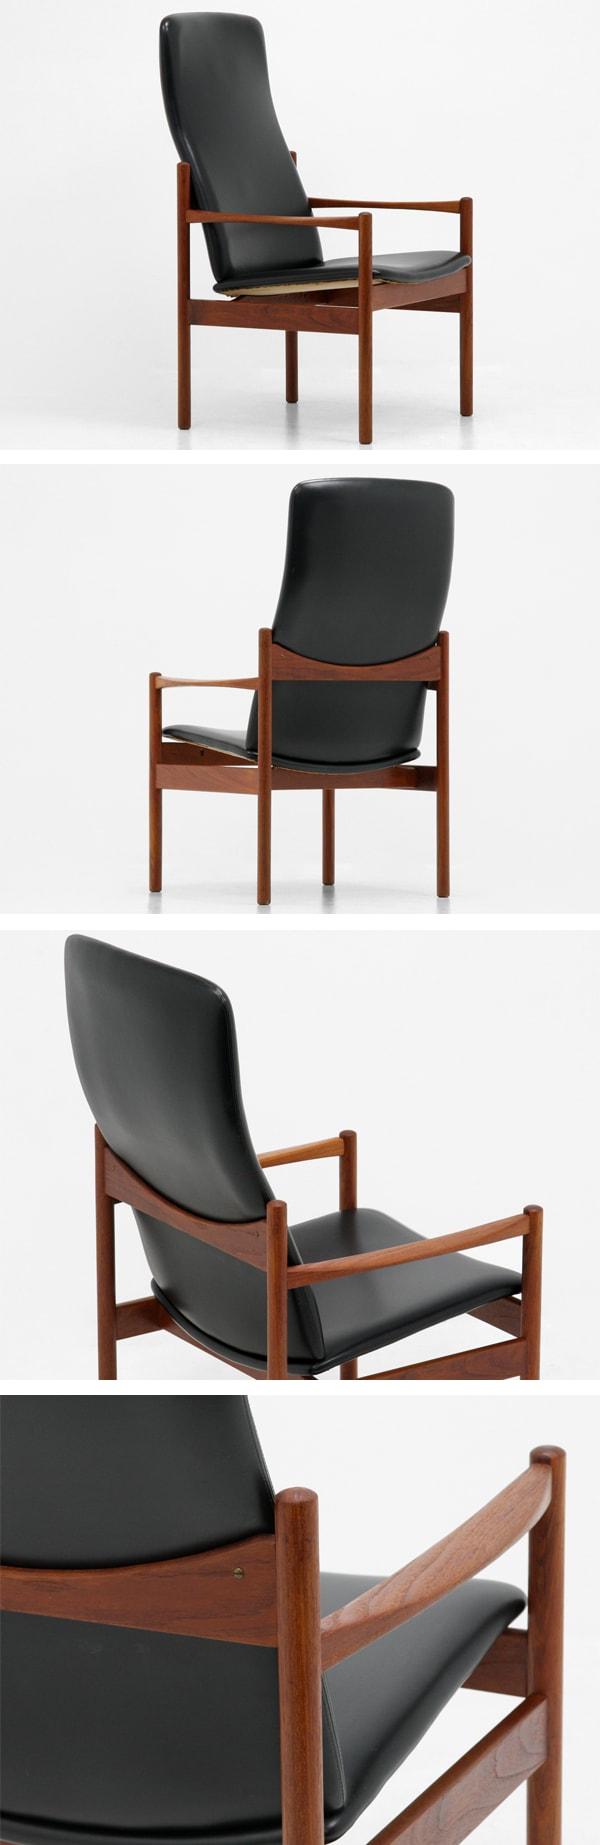 北欧家具,ヴィンテージ,ハイバックチェア,黒,椅子,中古